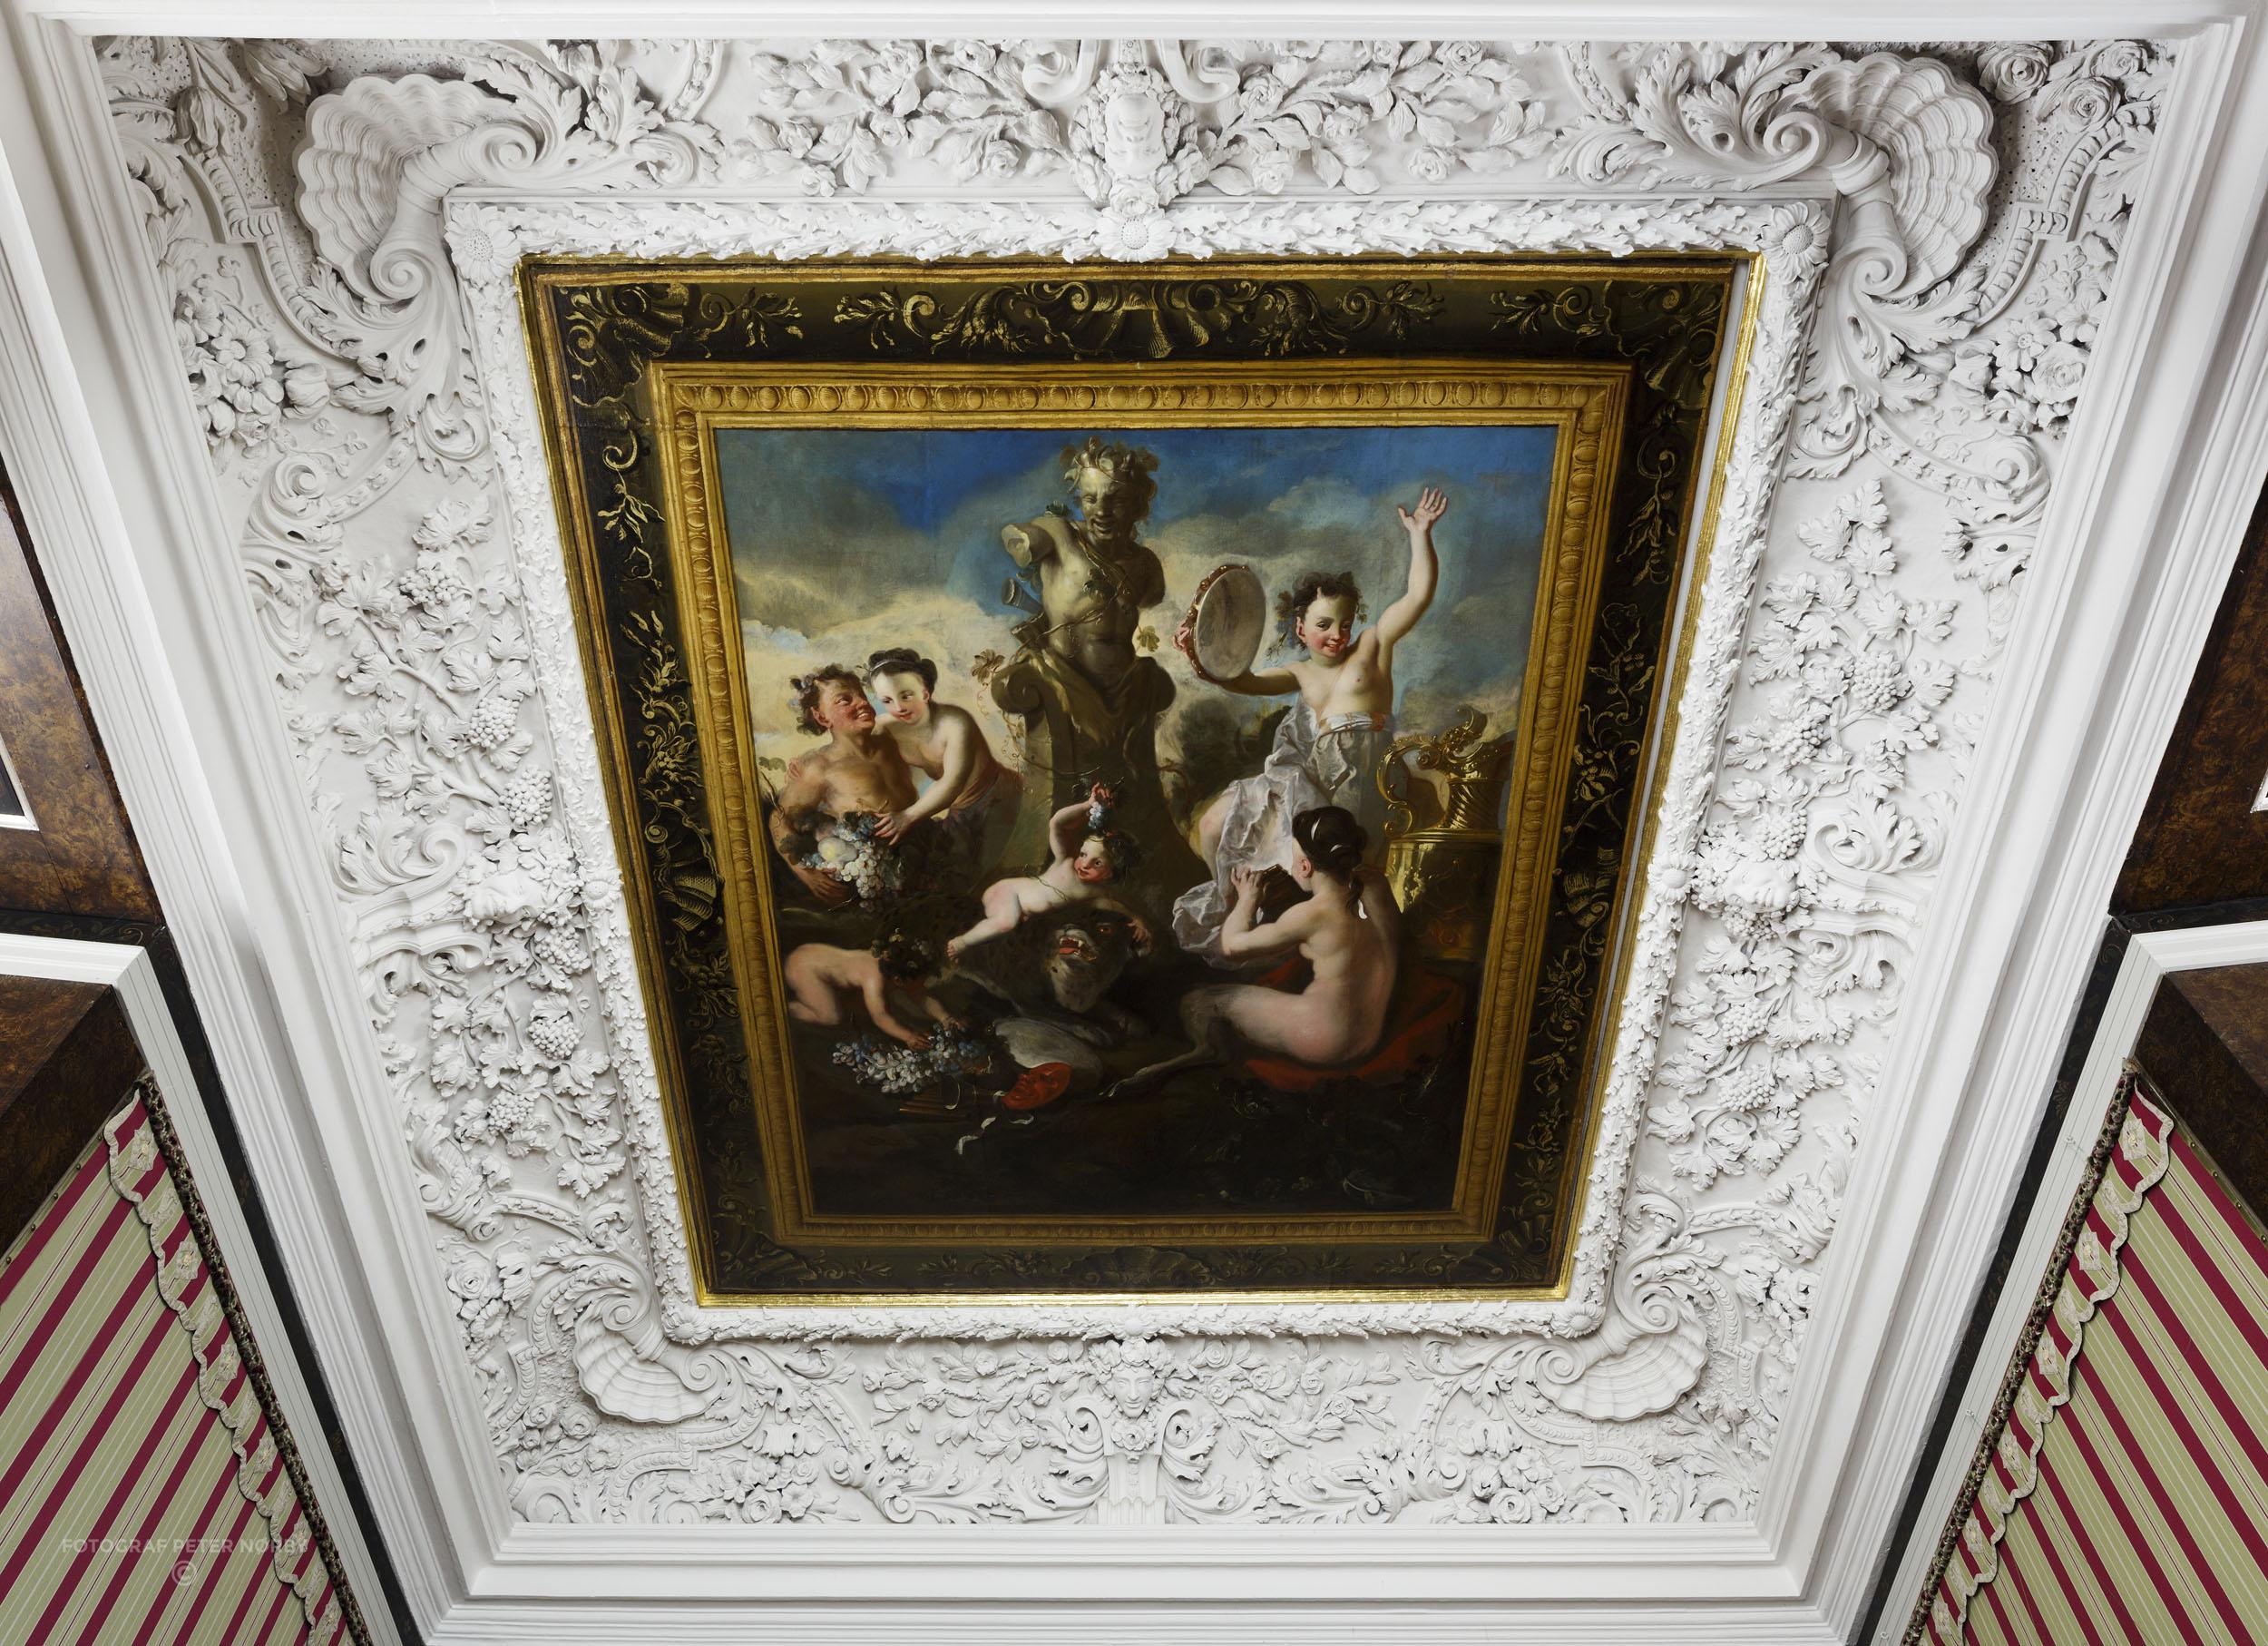 Rosenborg_Room4a_03.jpg